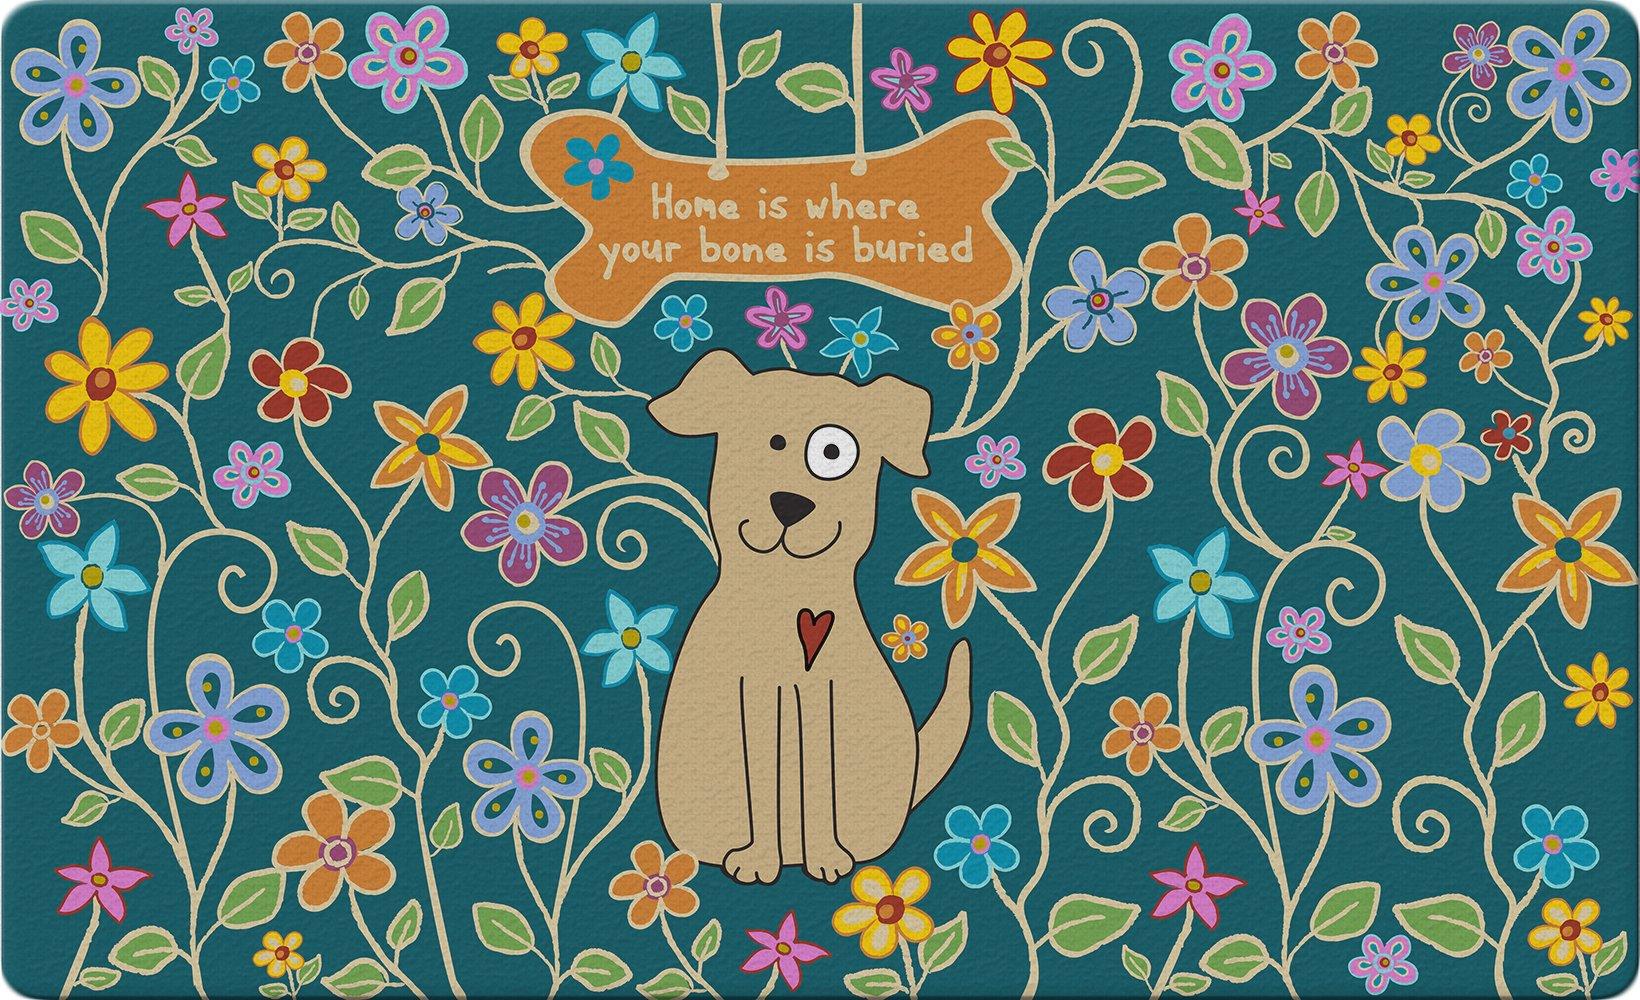 Toland Home Garden Dog Bone Blue 18 x 30 Inch Decorative Flower Floor Mat Puppy Home Doormat